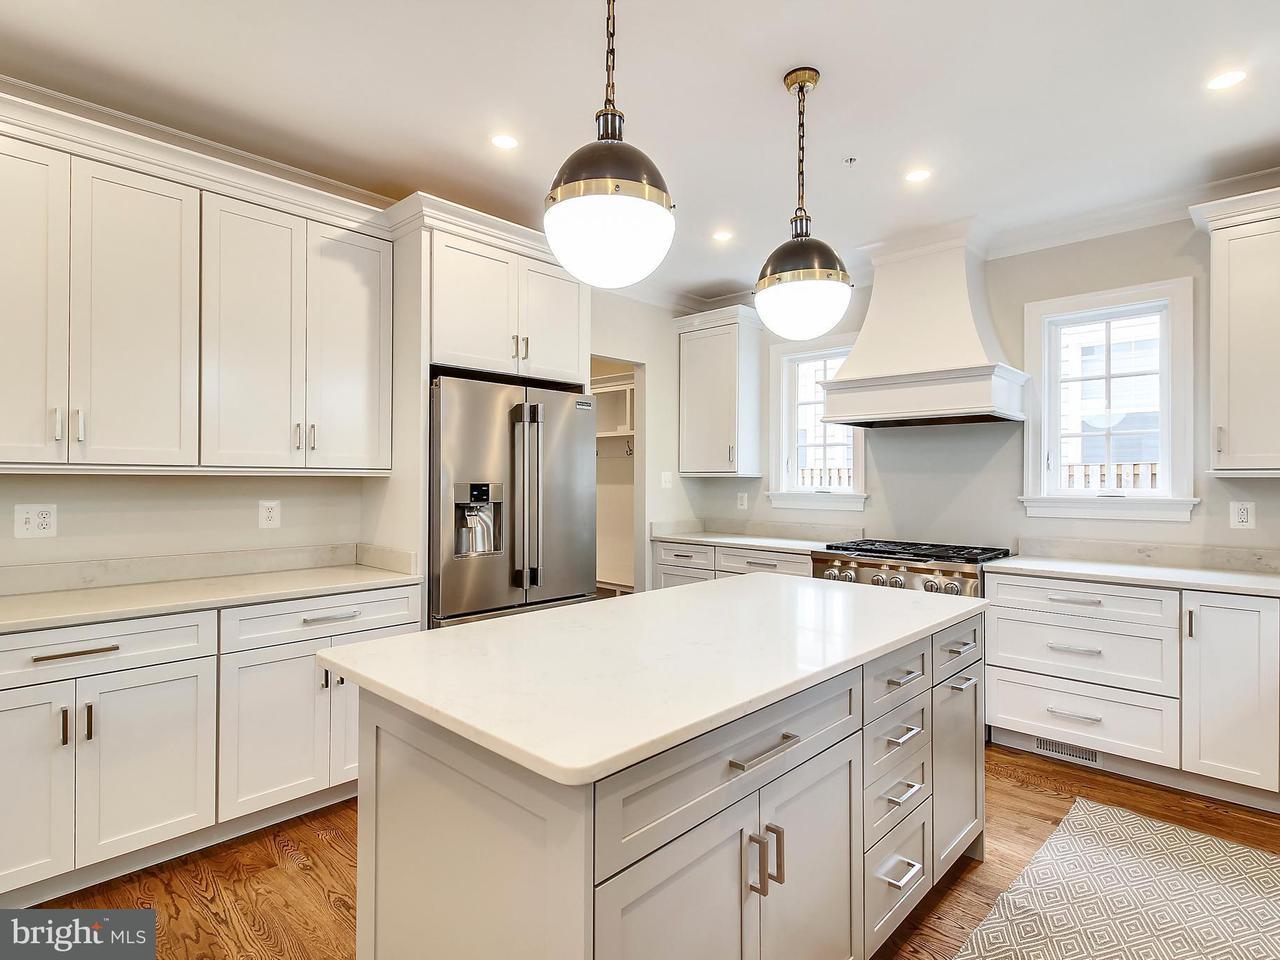 Частный односемейный дом для того Продажа на 4106 WARNER Street 4106 WARNER Street Kensington, Мэриленд 20895 Соединенные Штаты